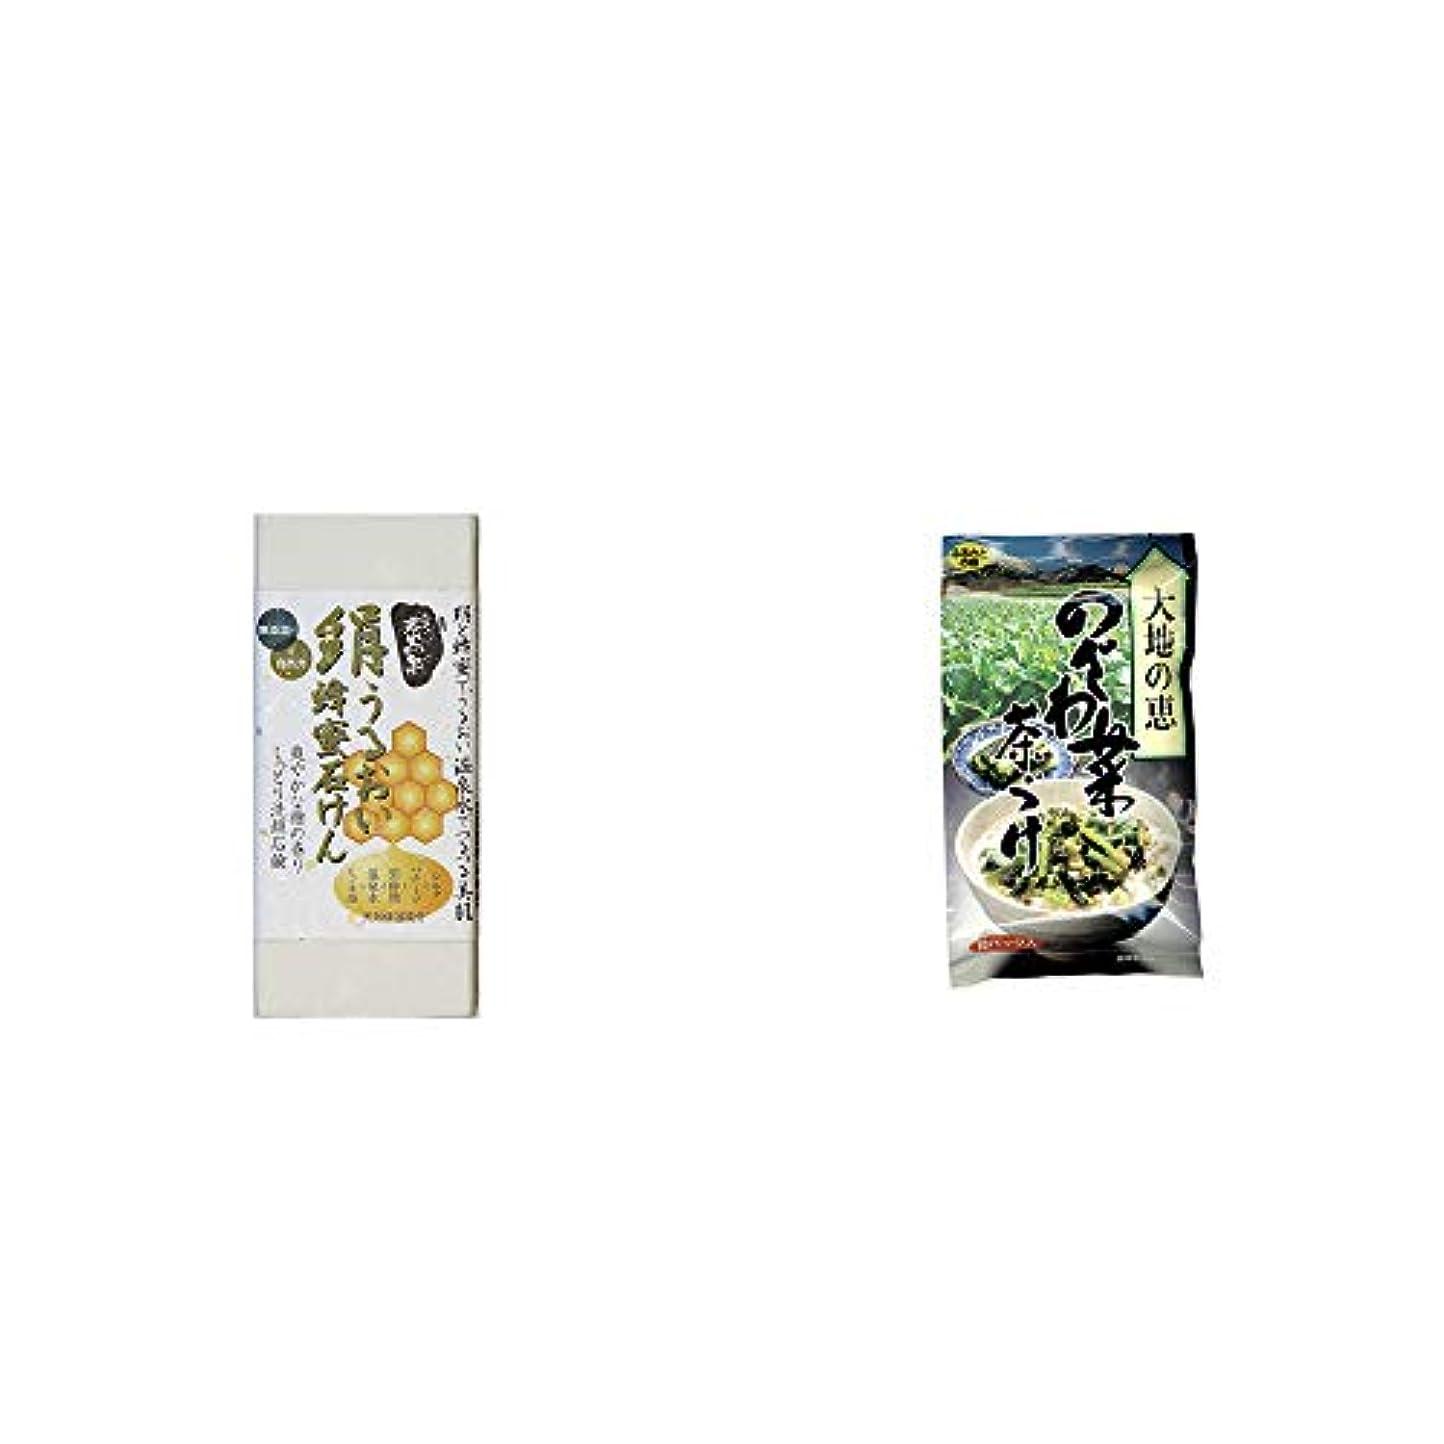 地元クリップ親密な[2点セット] ひのき炭黒泉 絹うるおい蜂蜜石けん(75g×2)?特選茶漬け 大地の恵 のざわ菜茶づけ(10袋入)